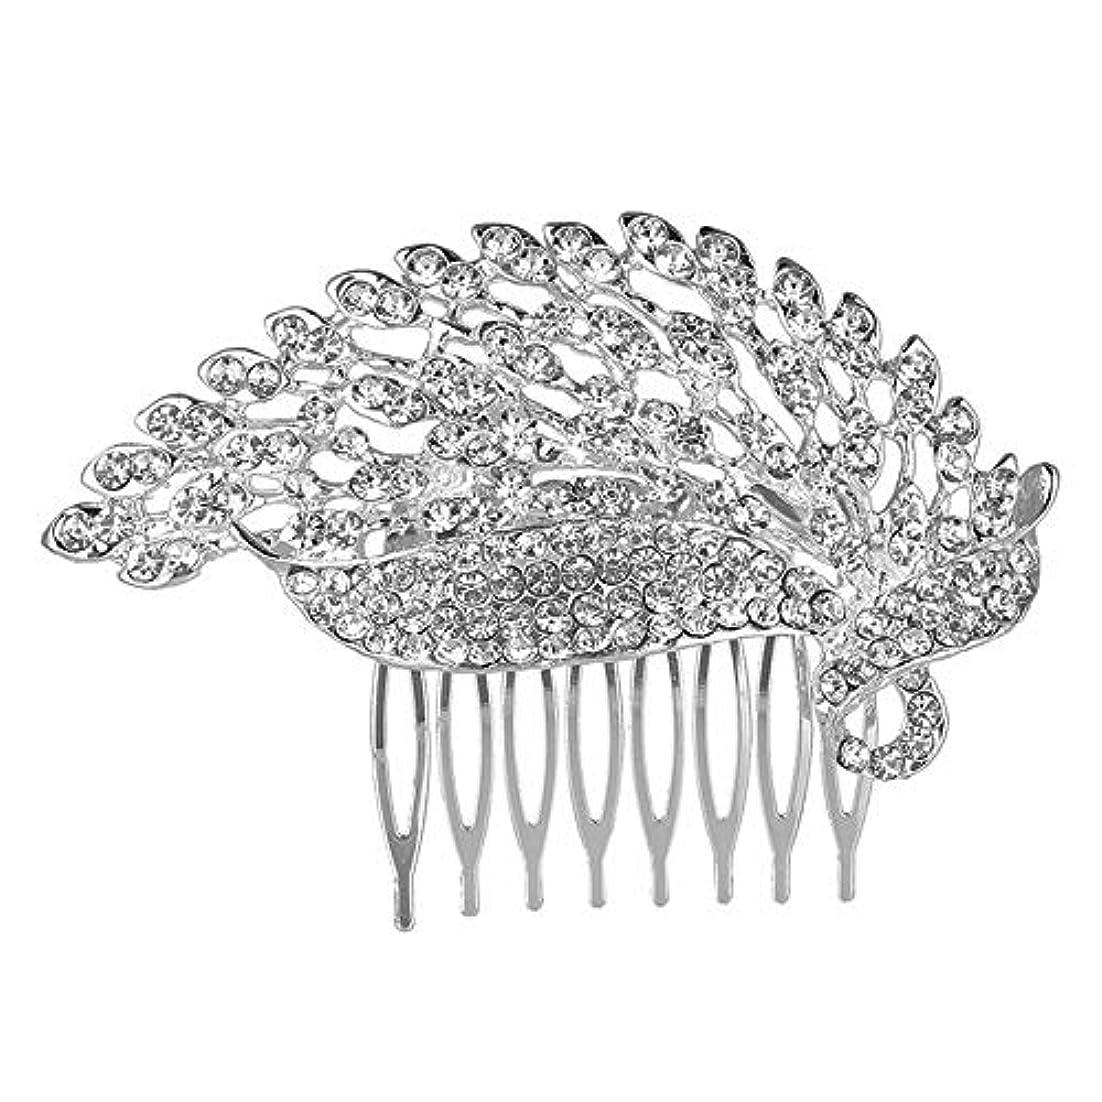 口径ウィザード対処する髪の櫛の櫛の櫛の花嫁の櫛の櫛の櫛の花嫁の頭飾りの結婚式のアクセサリー合金